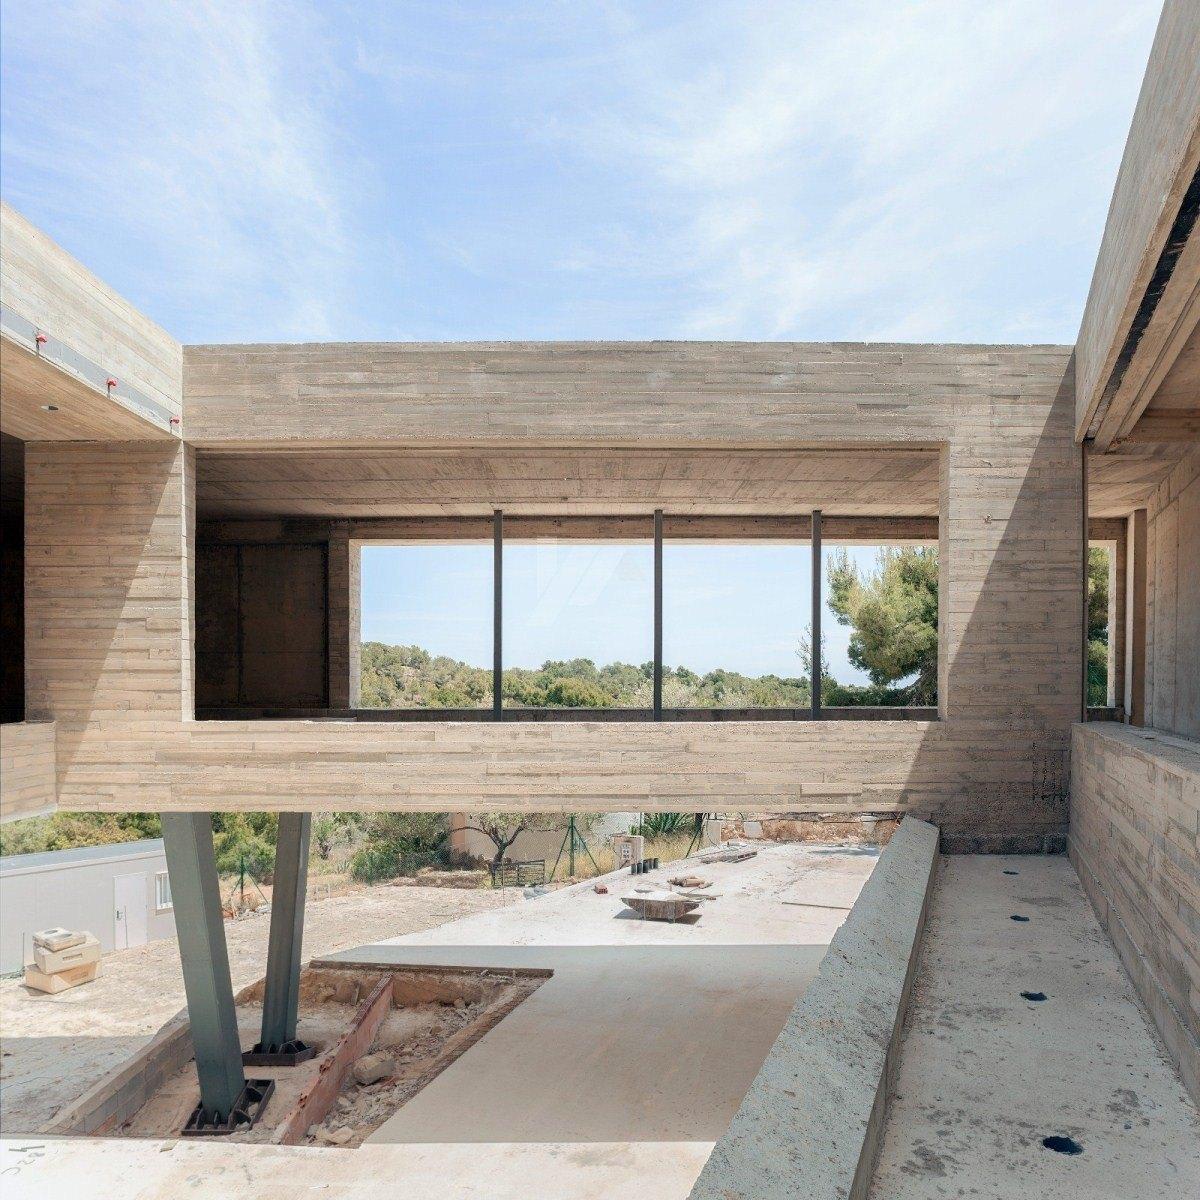 New build villa for sale in Benissa, Costa Blanca.